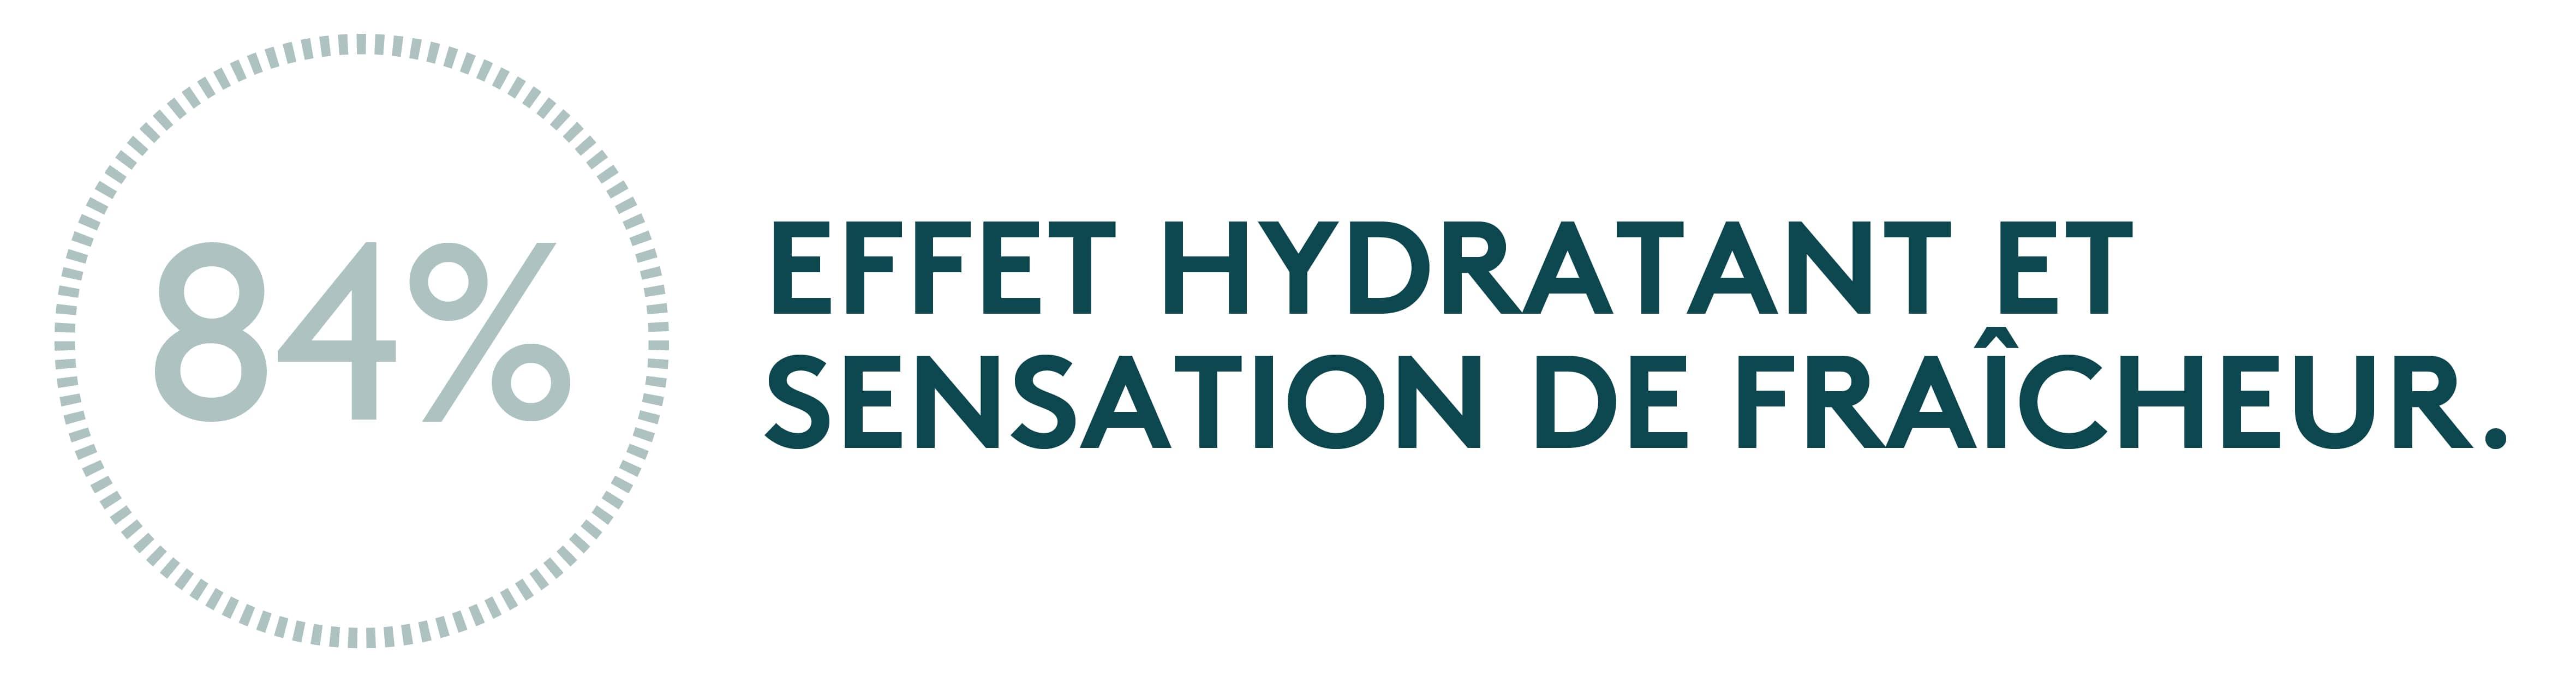 84% effet hydratant et une sensation de fraîcheur